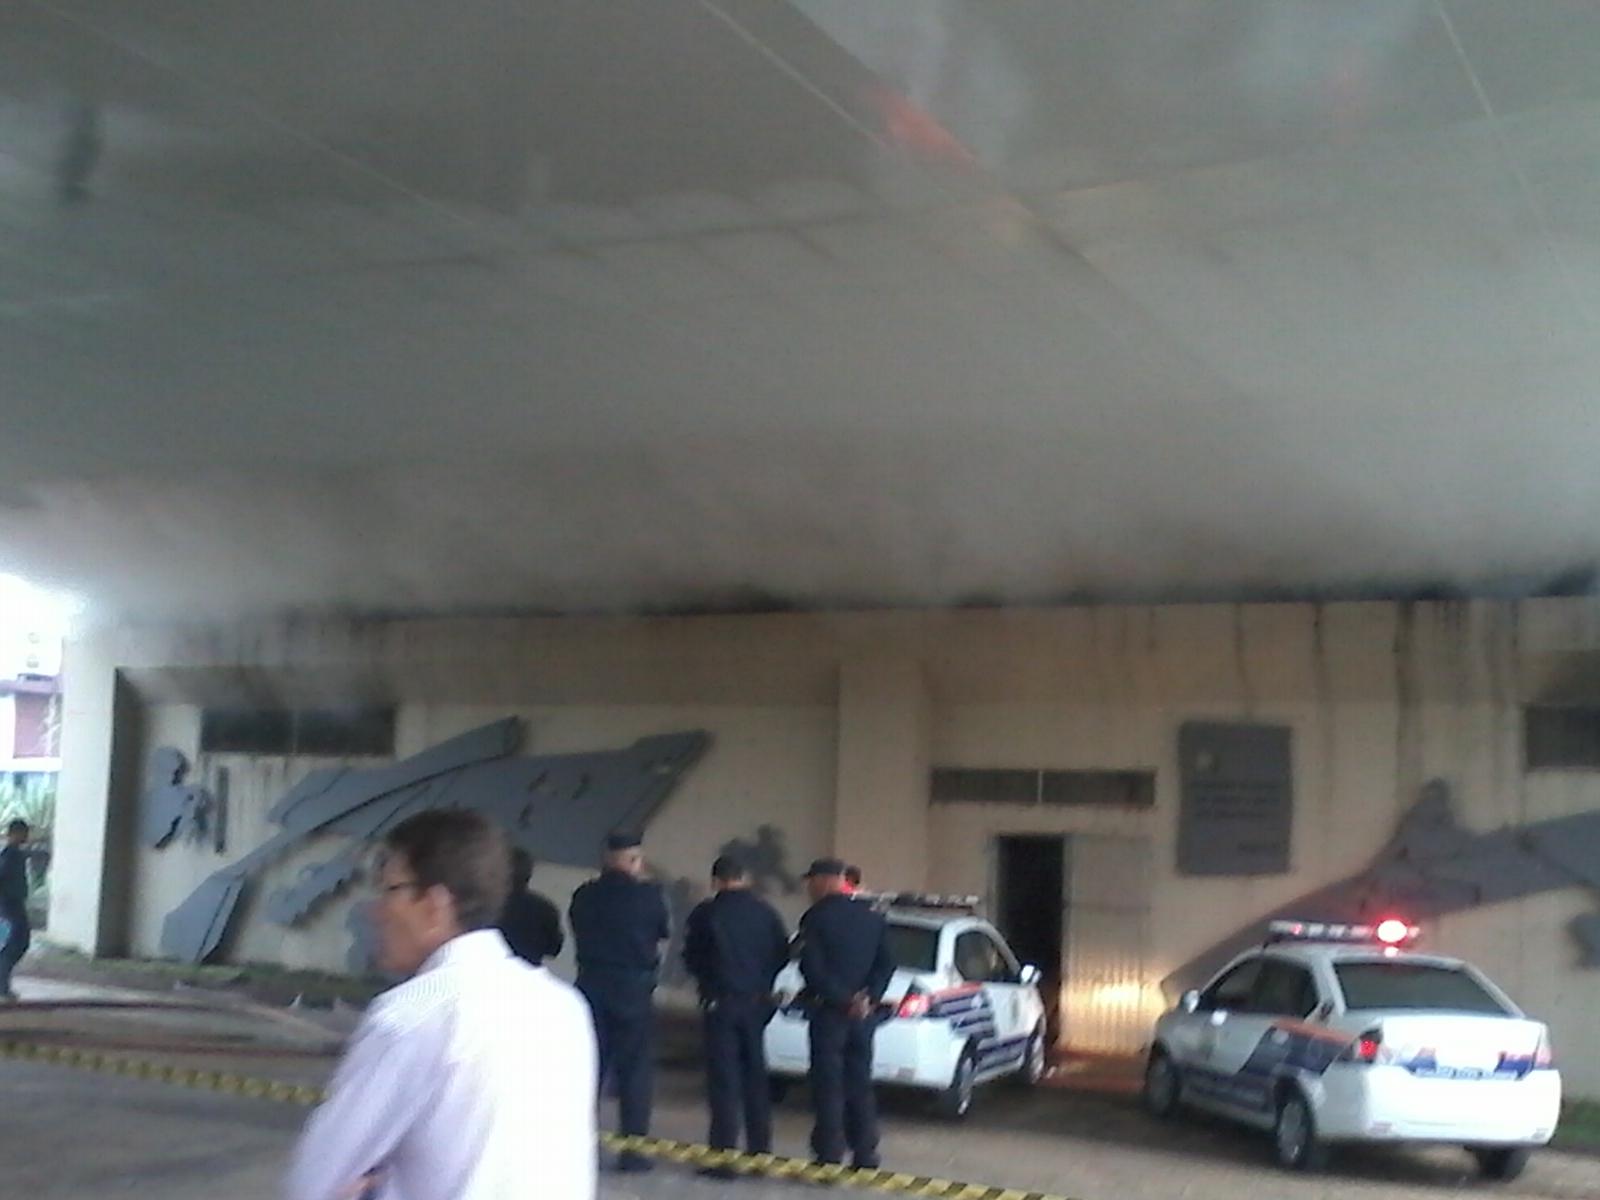 Fogo atingiu área embaixo da estrutura (Fotos: Paulo Talarico/Blog Mural)